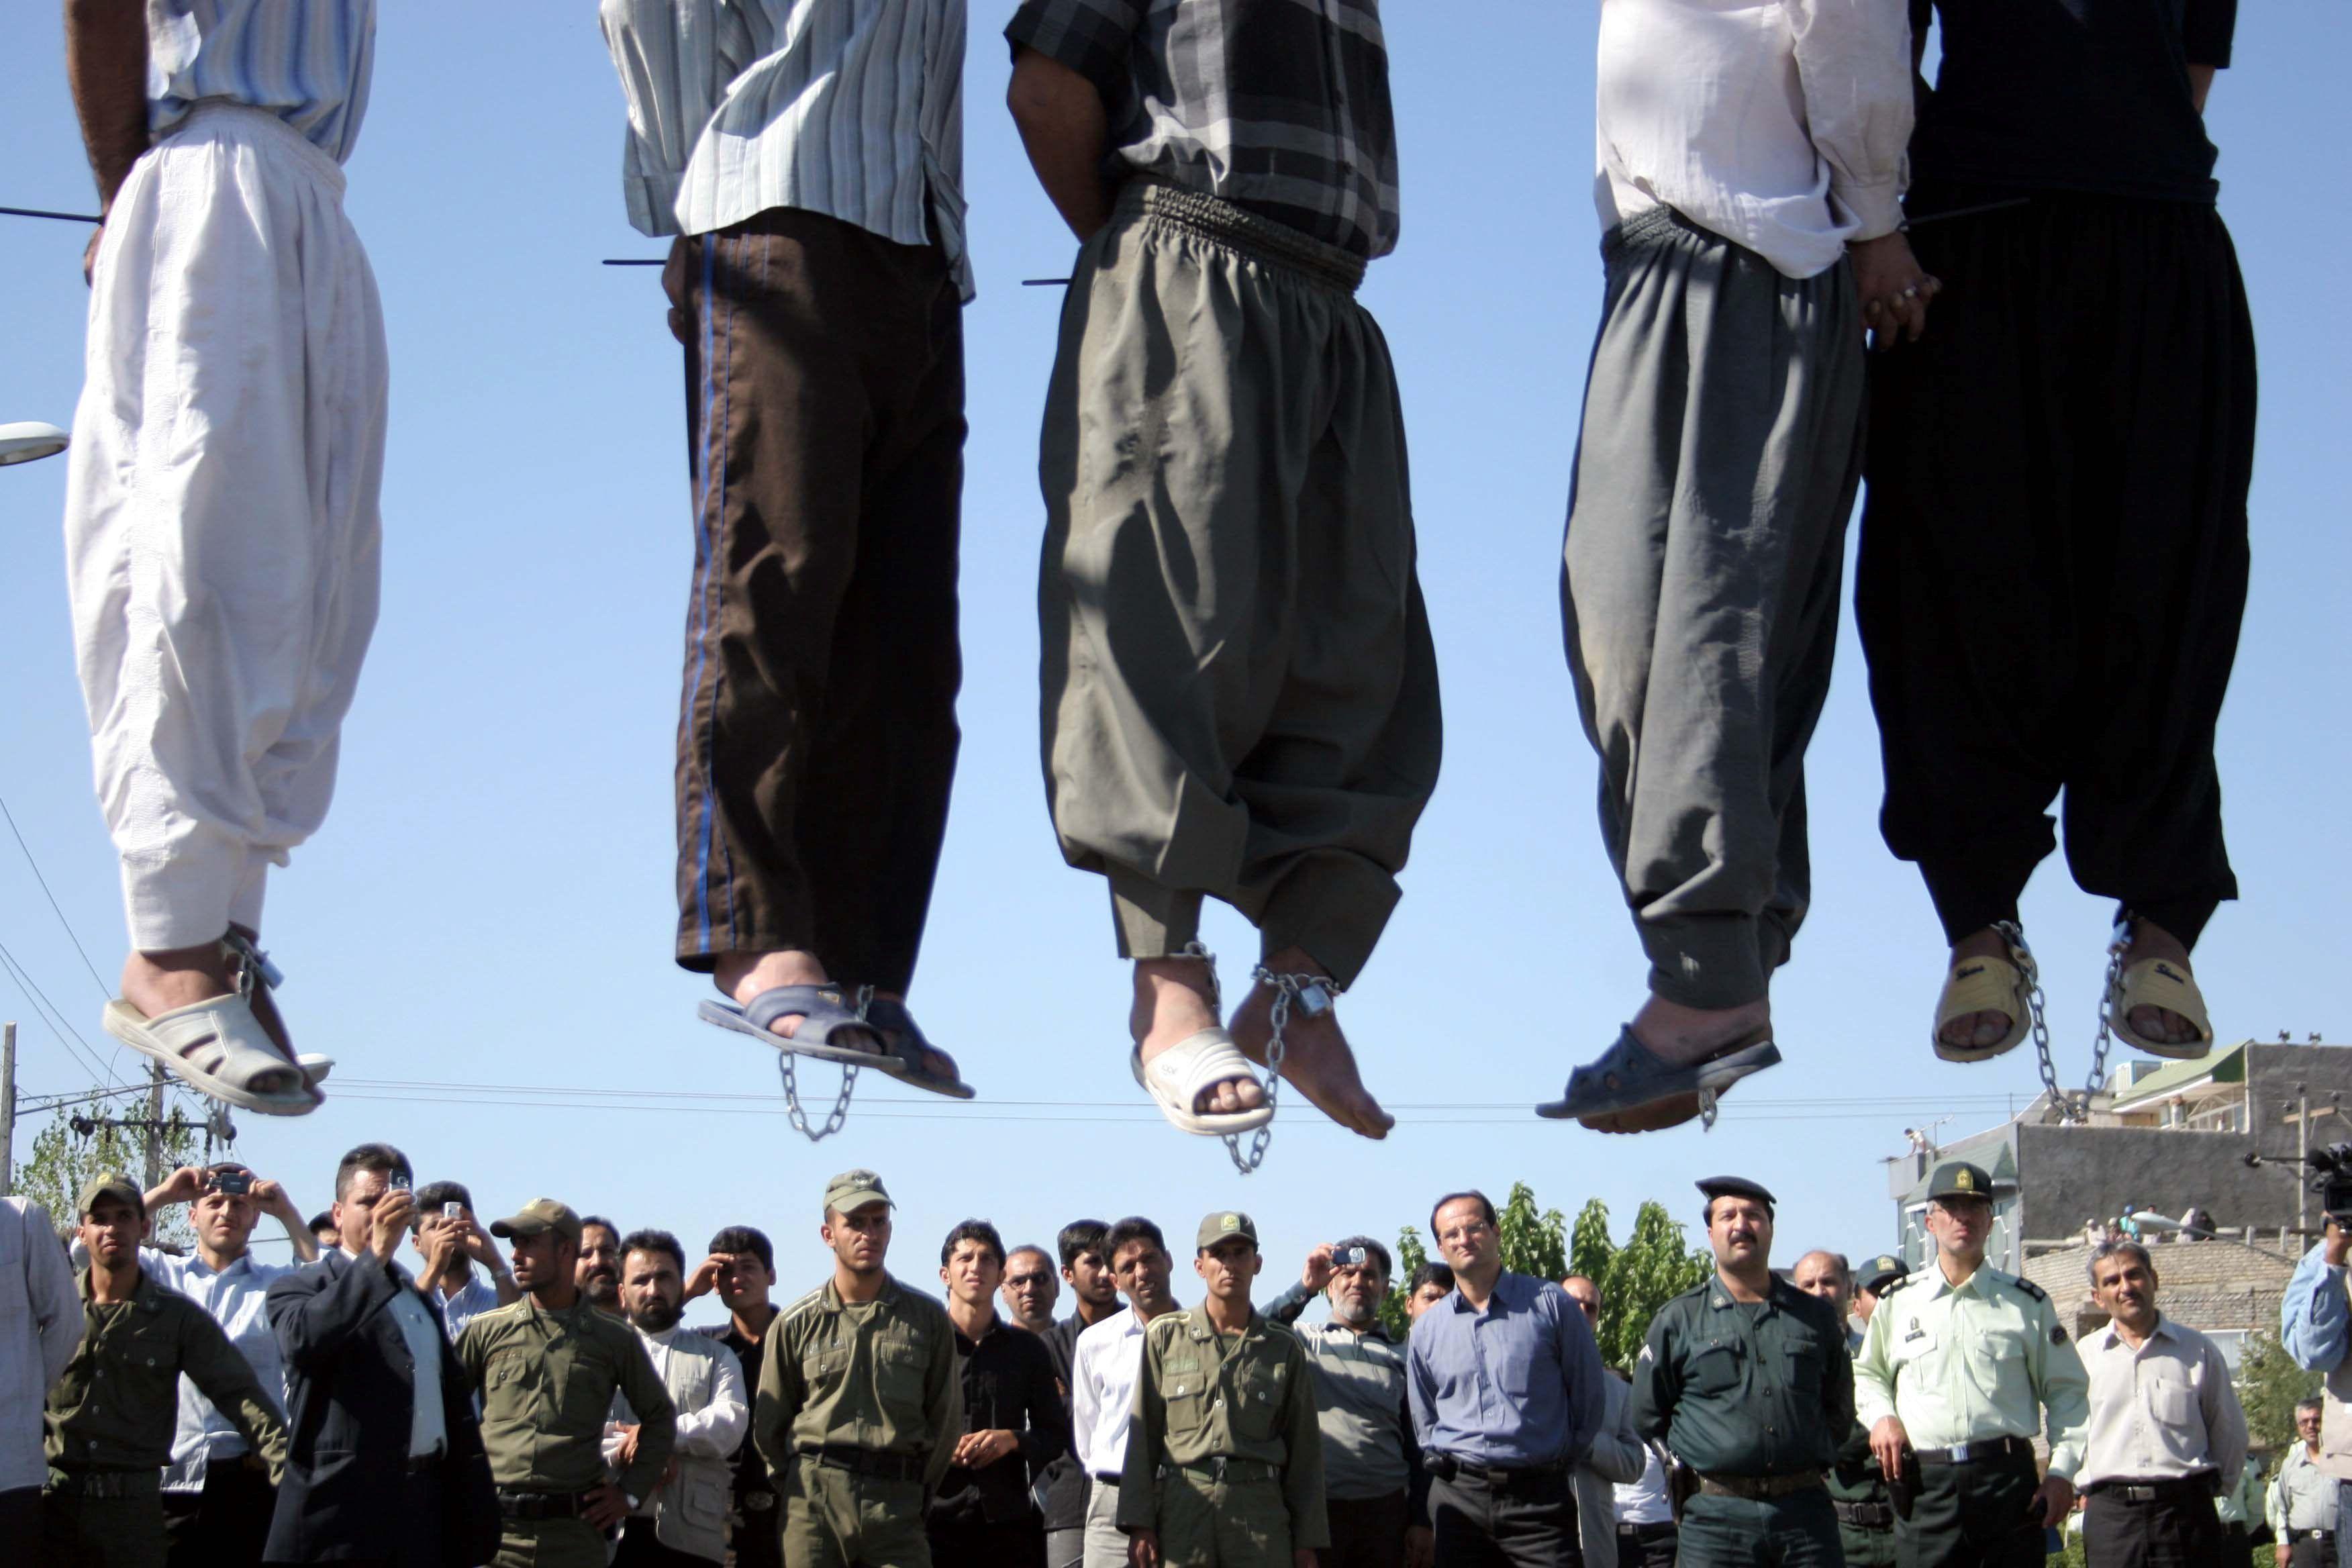 إعدام نحو 267 شخصًا في إيران وطهران تتحدث عن 91 فقط! - المواطن